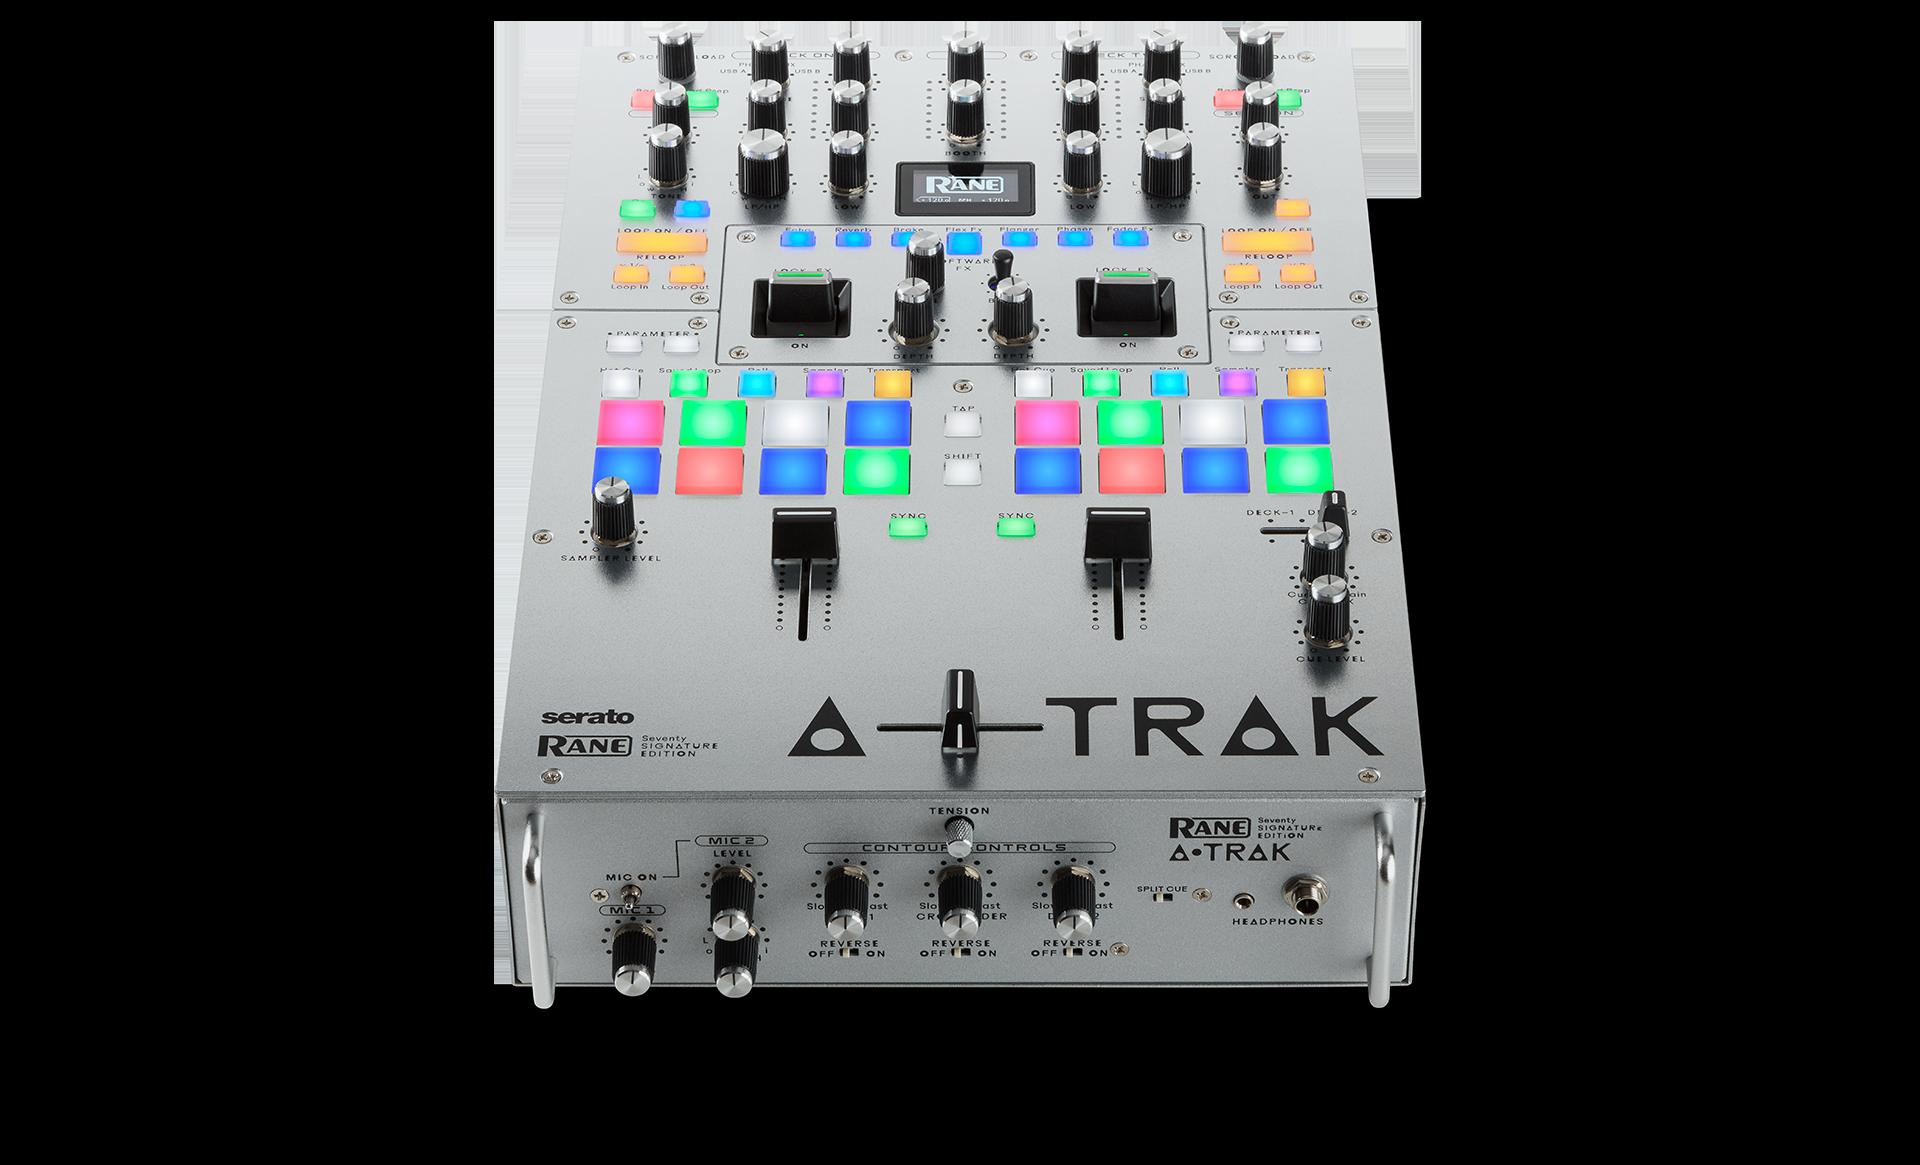 Top angle view of SEVENTY A-TRAK SIGNATURE EDITION DJ Battle Mixer